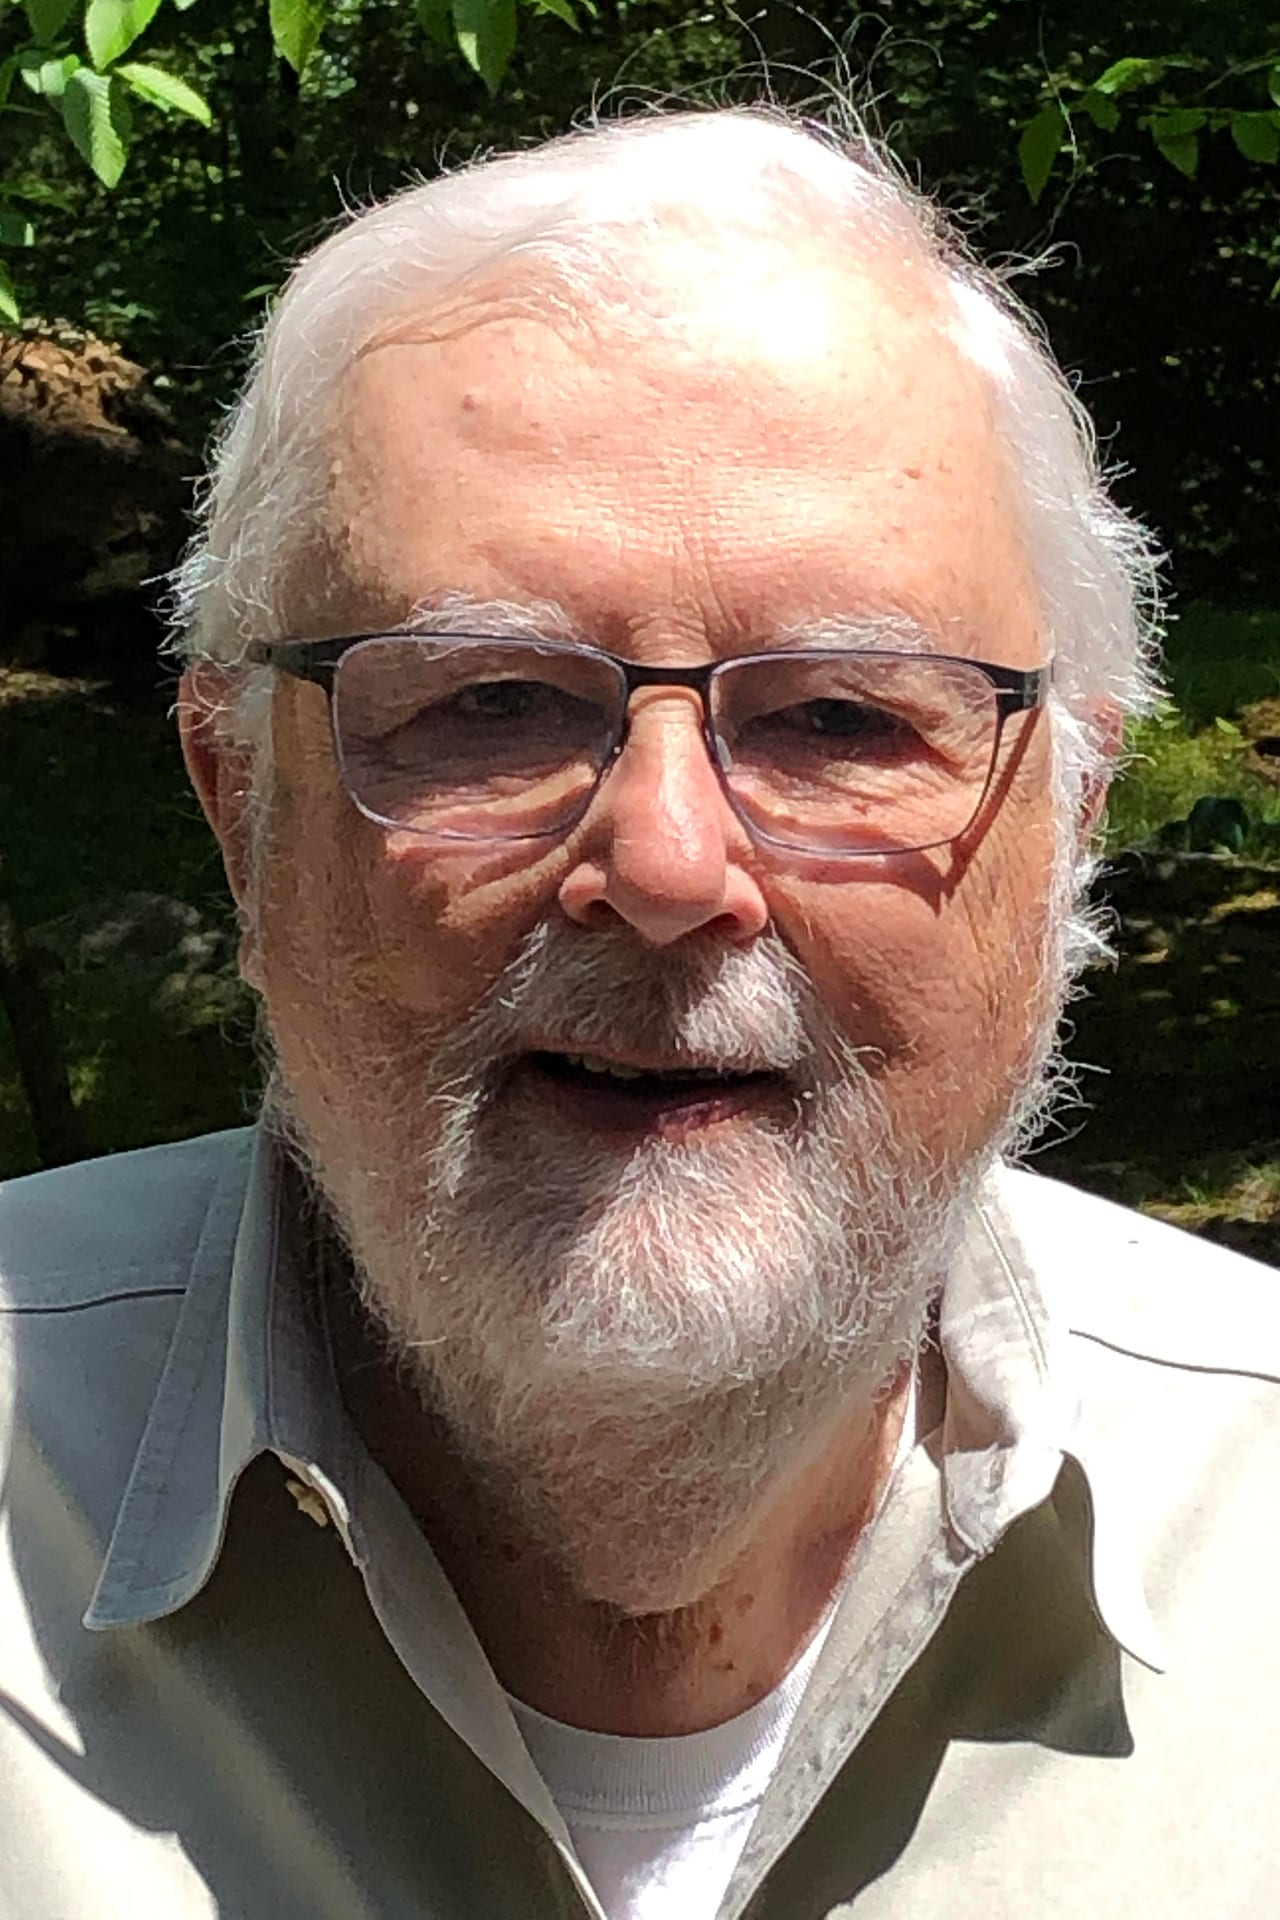 Rick Semels